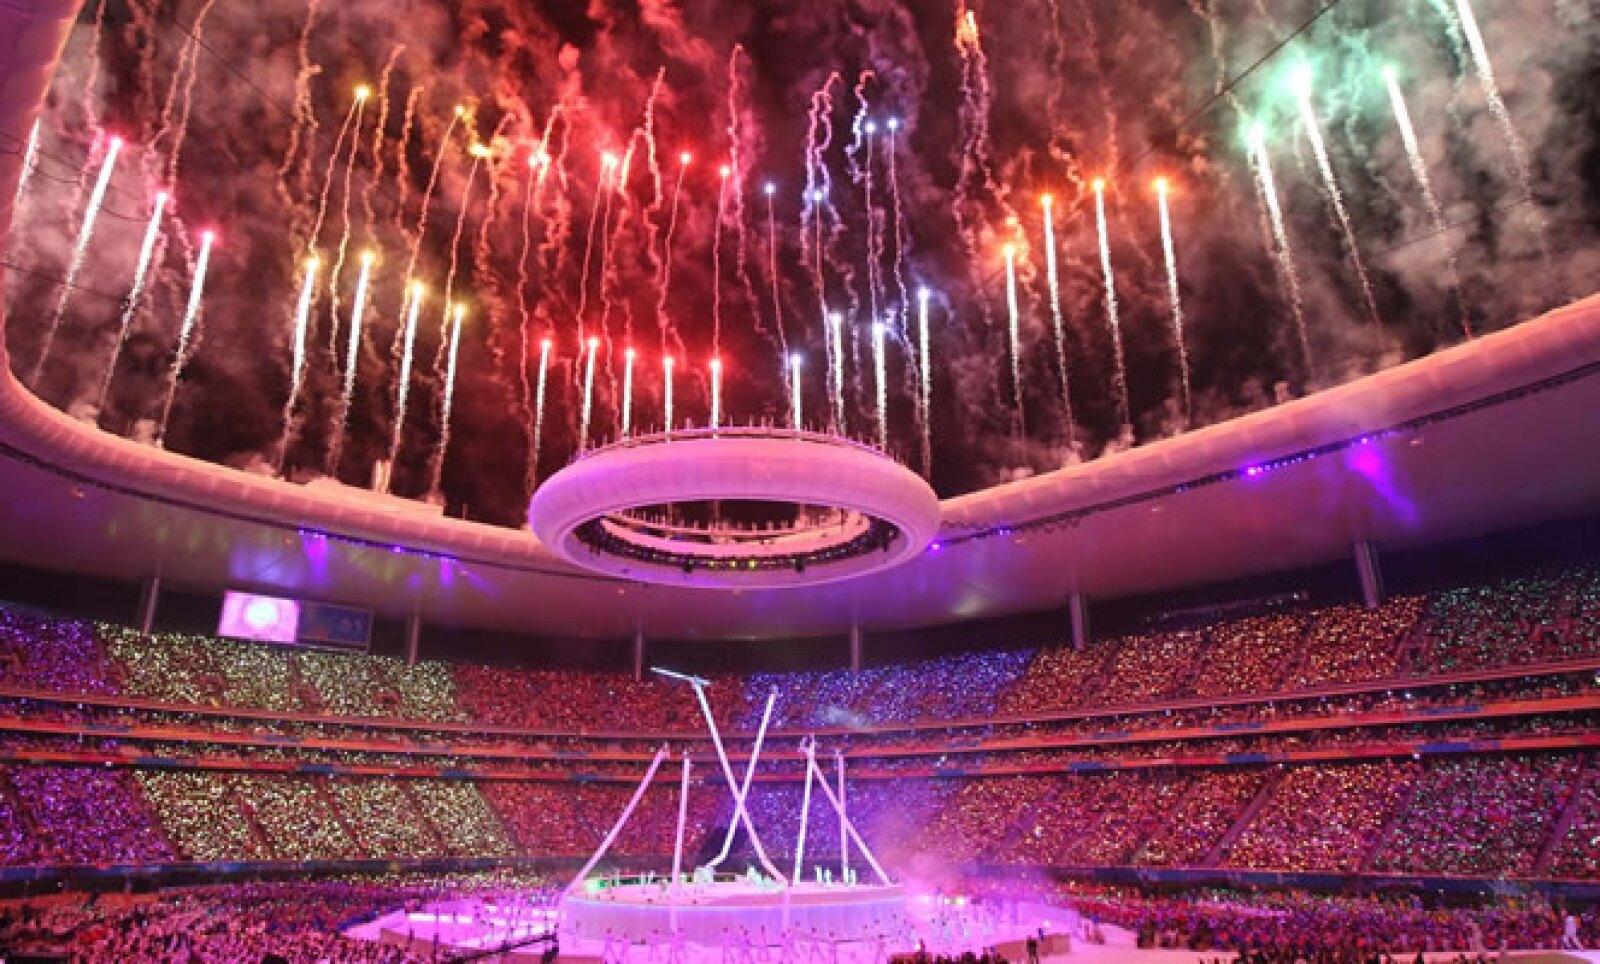 El 14 de octubre se inauguró la XVI edición de los Juegos Panamericanos, en Guadalajara, con la presencia de casi 6,000 atletas.